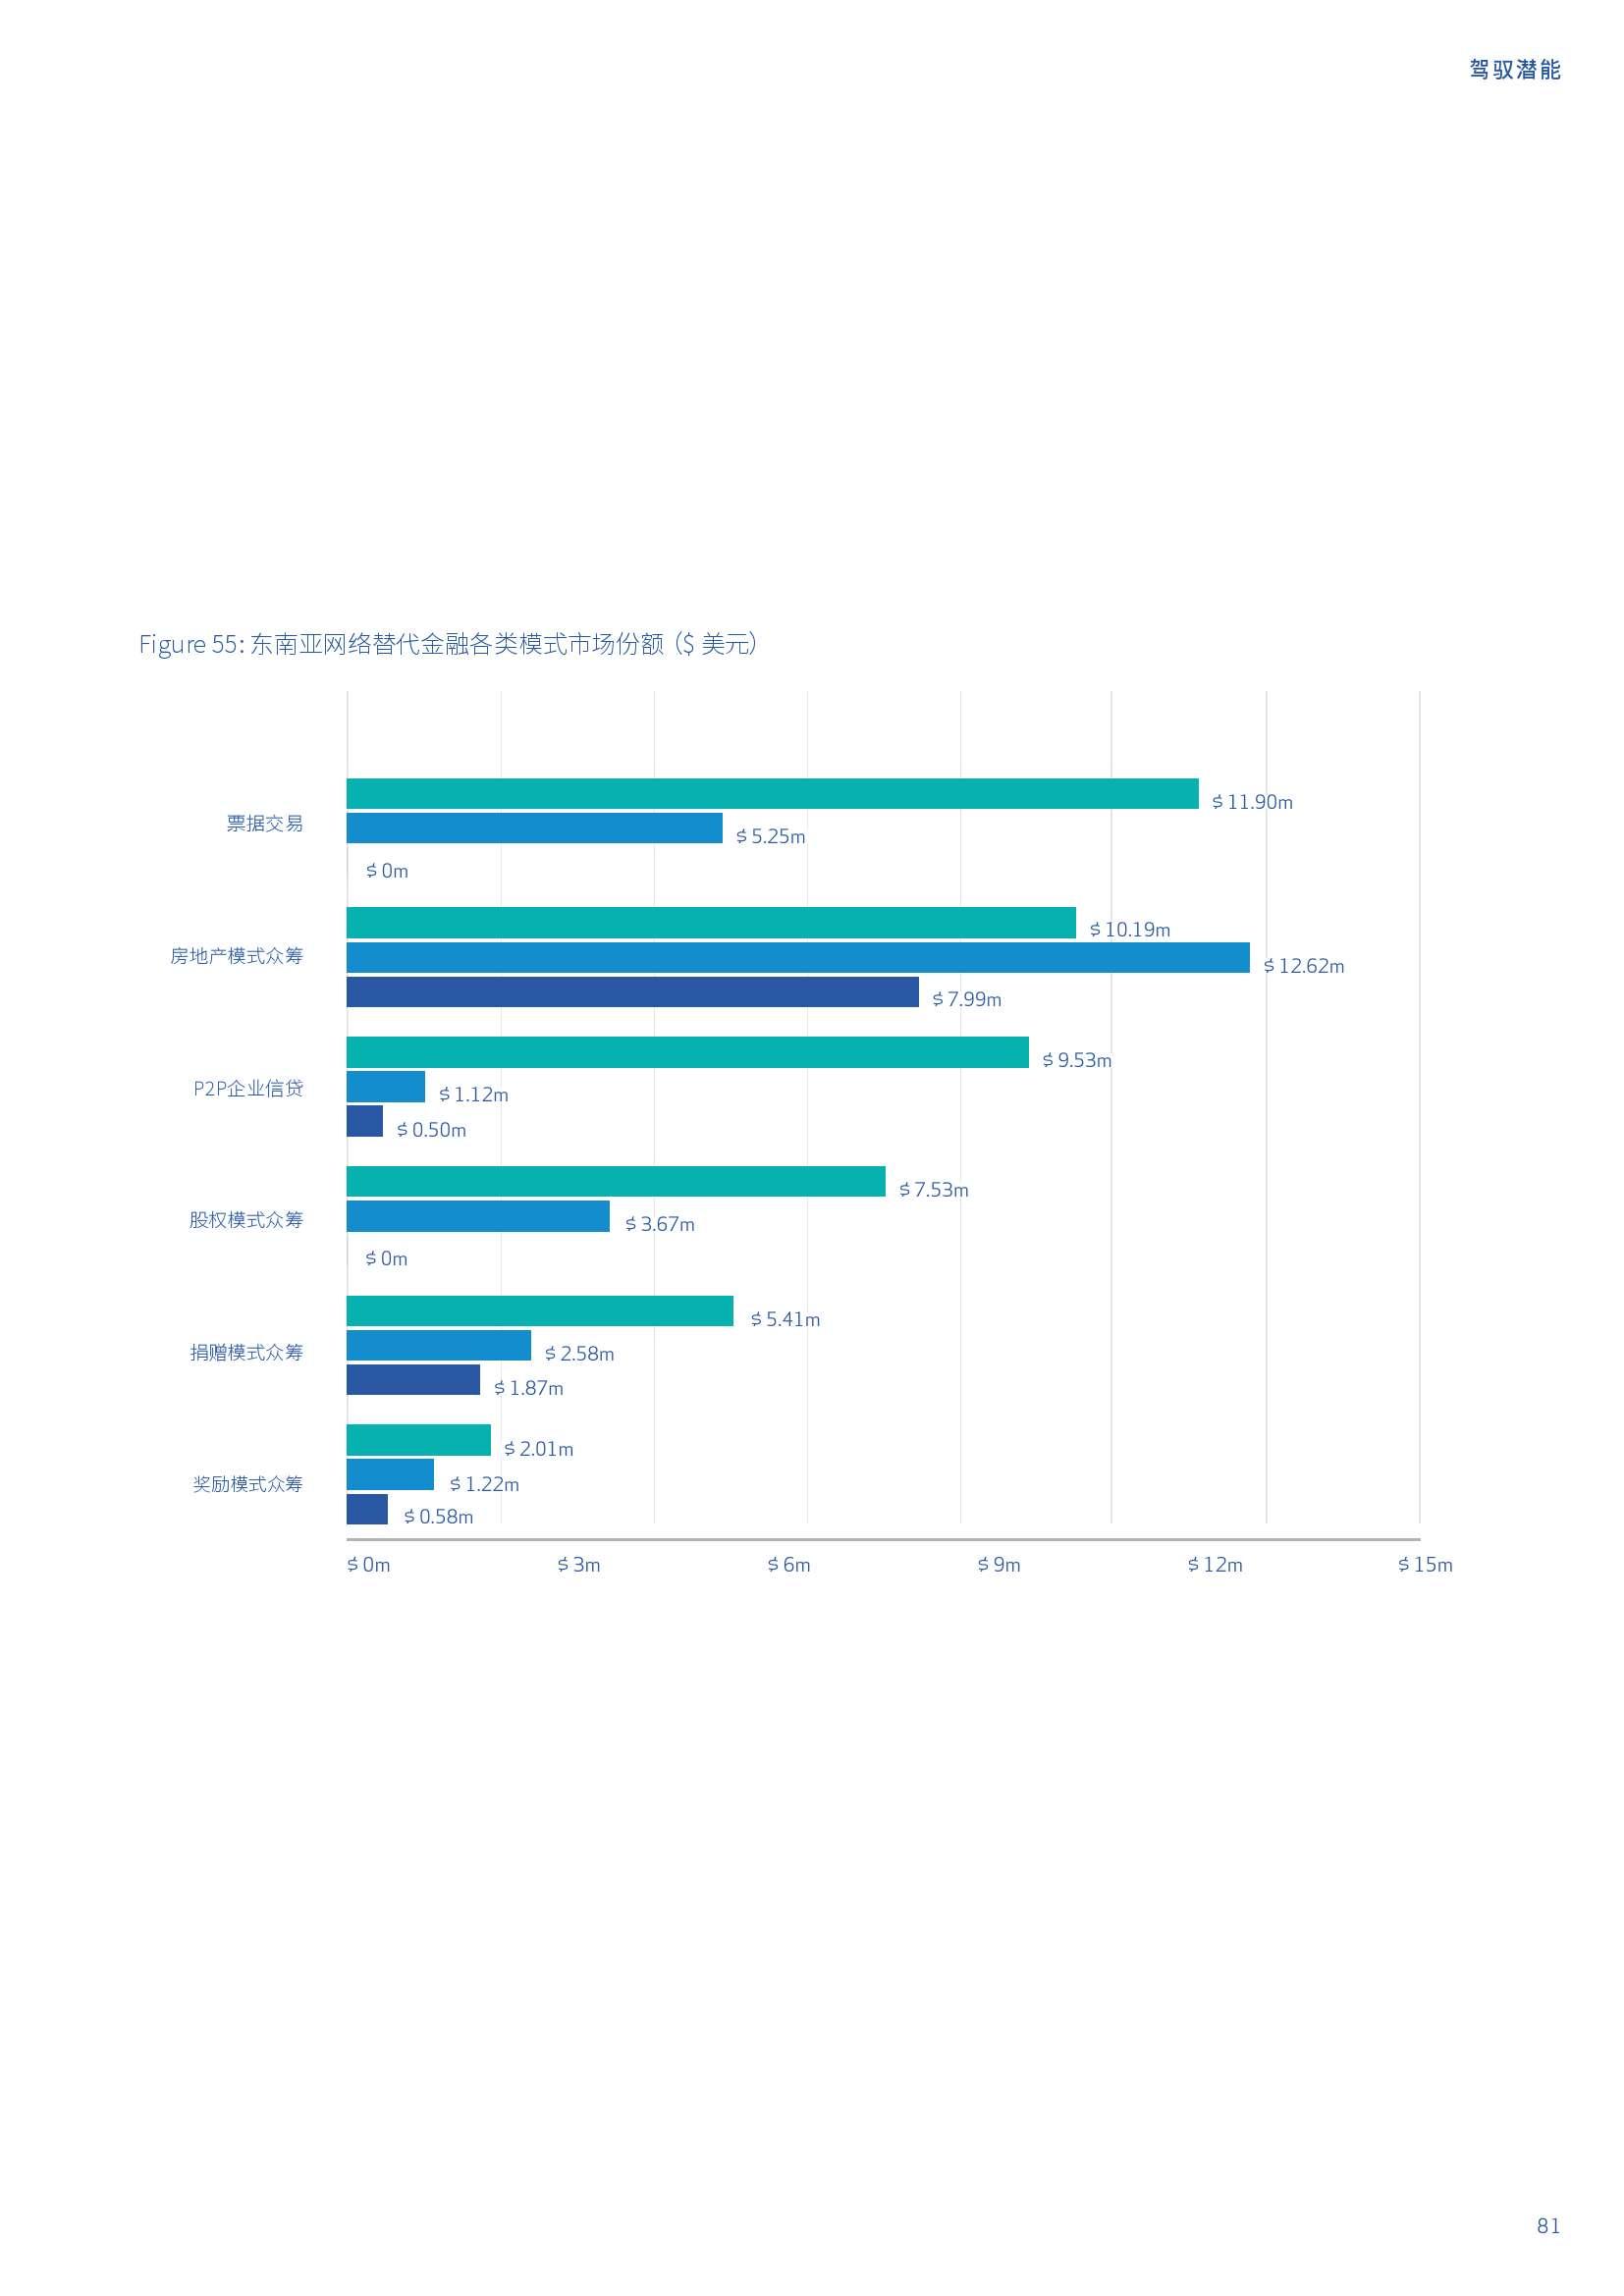 亚太地区网络替代金融基准报告_000081